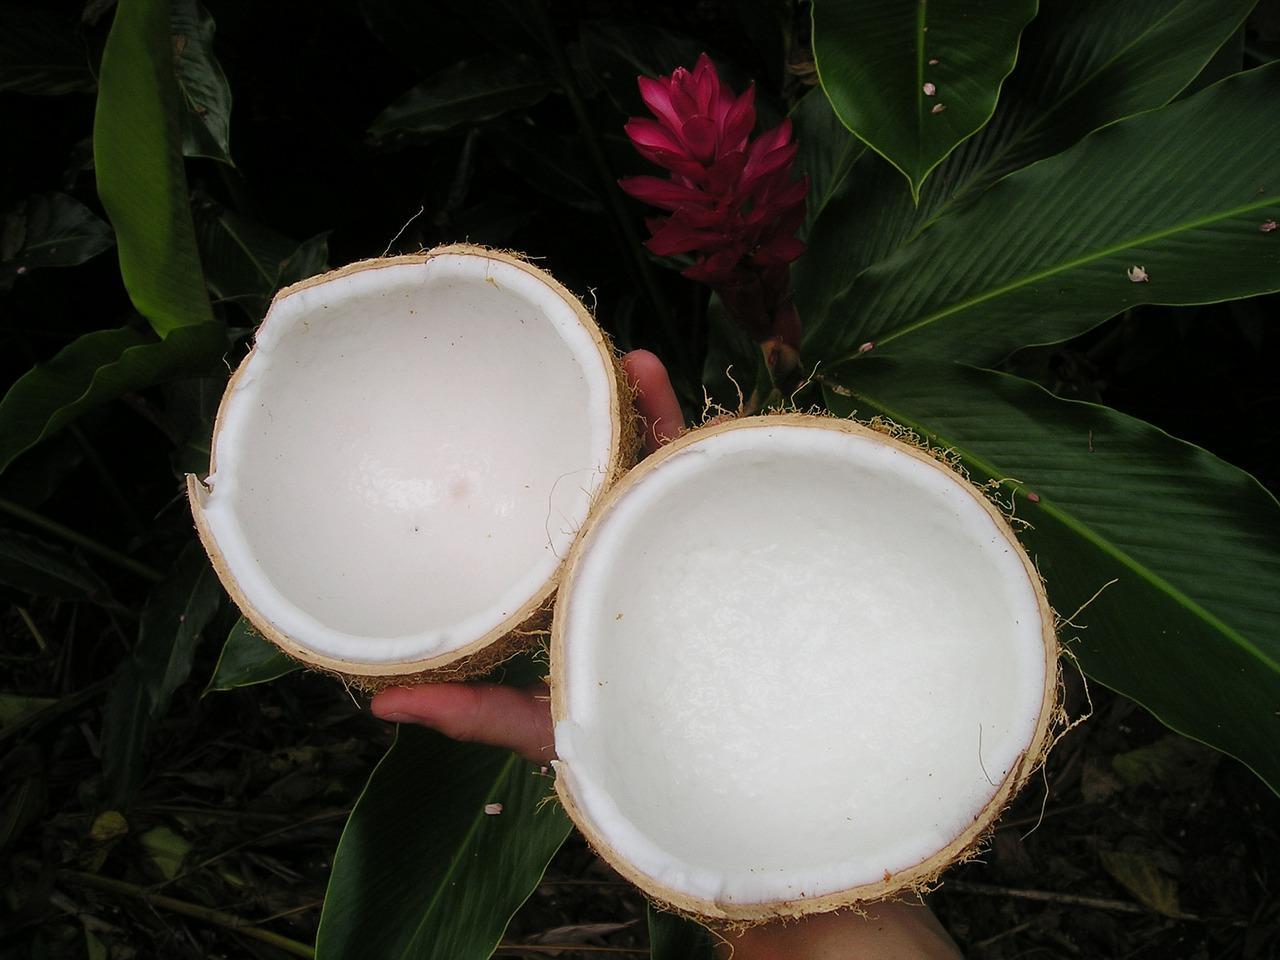 jajanan berbahan dasar kelapa